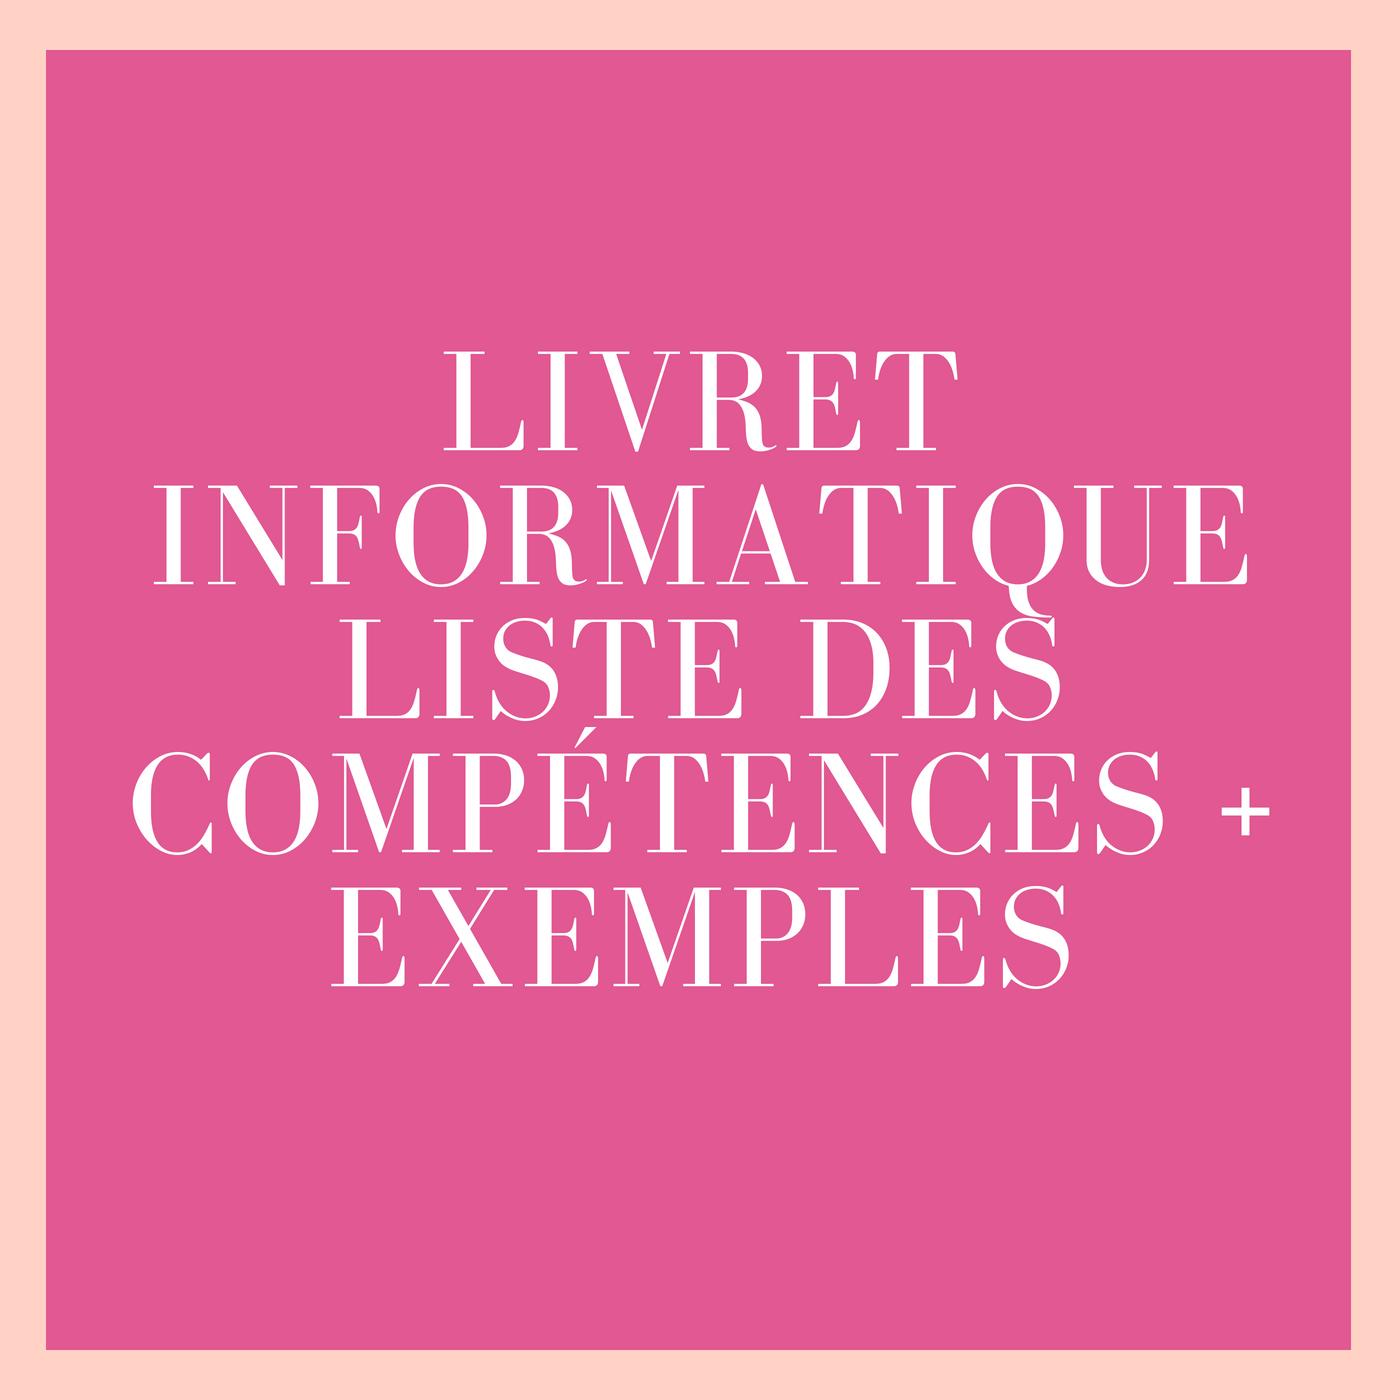 Livret informatique : liste des compétences + exemples